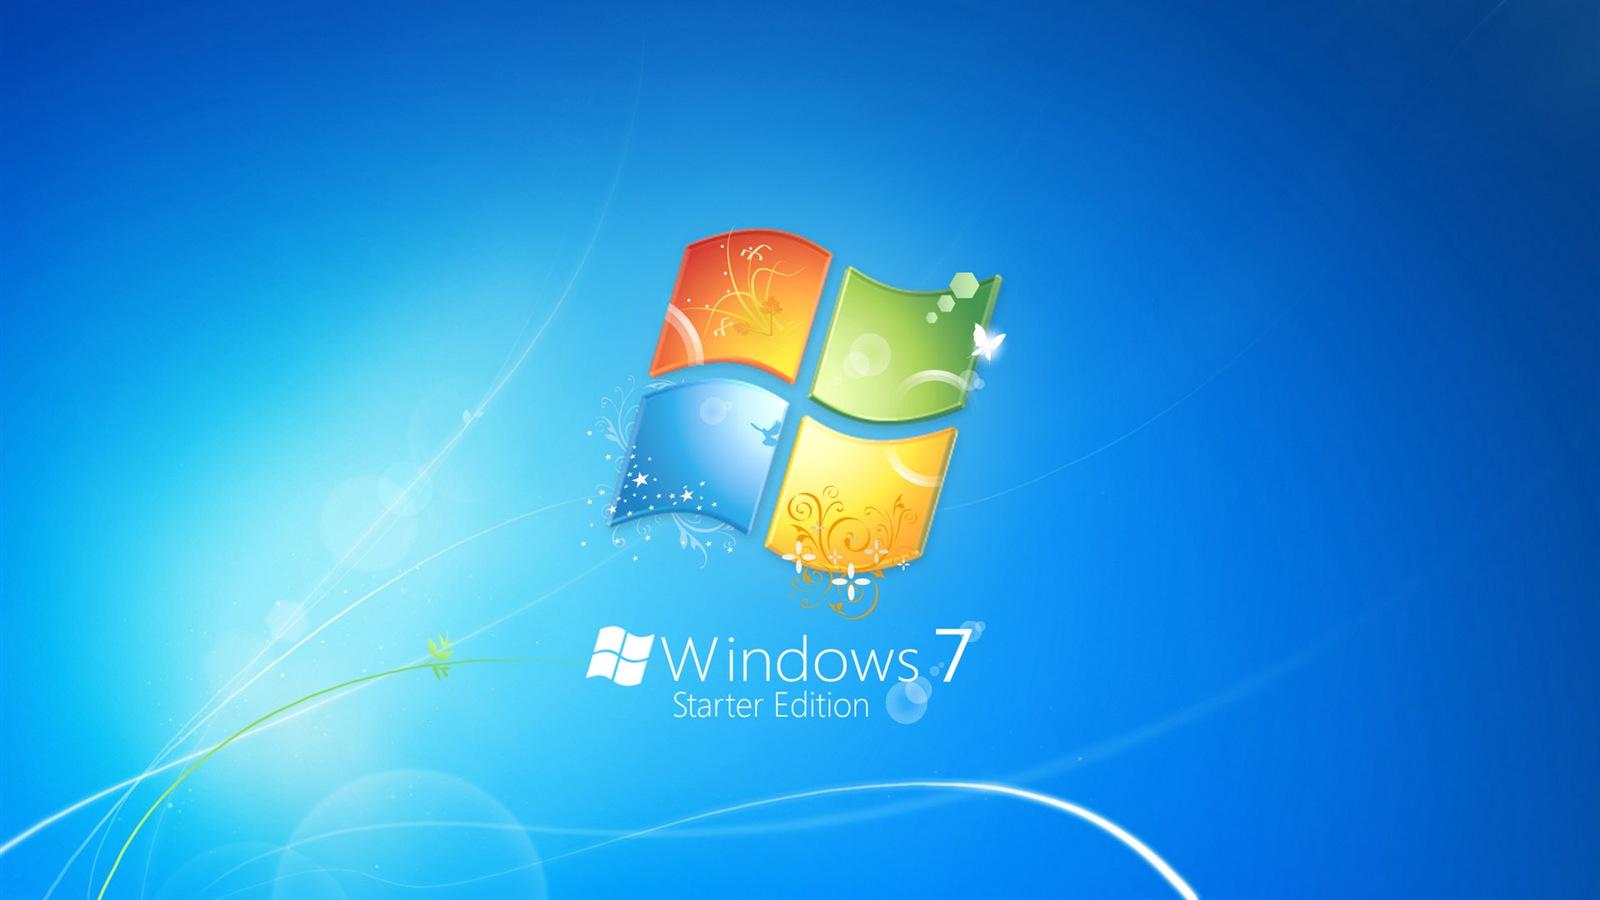 1600x900 wallpaper windows 7 widescreen